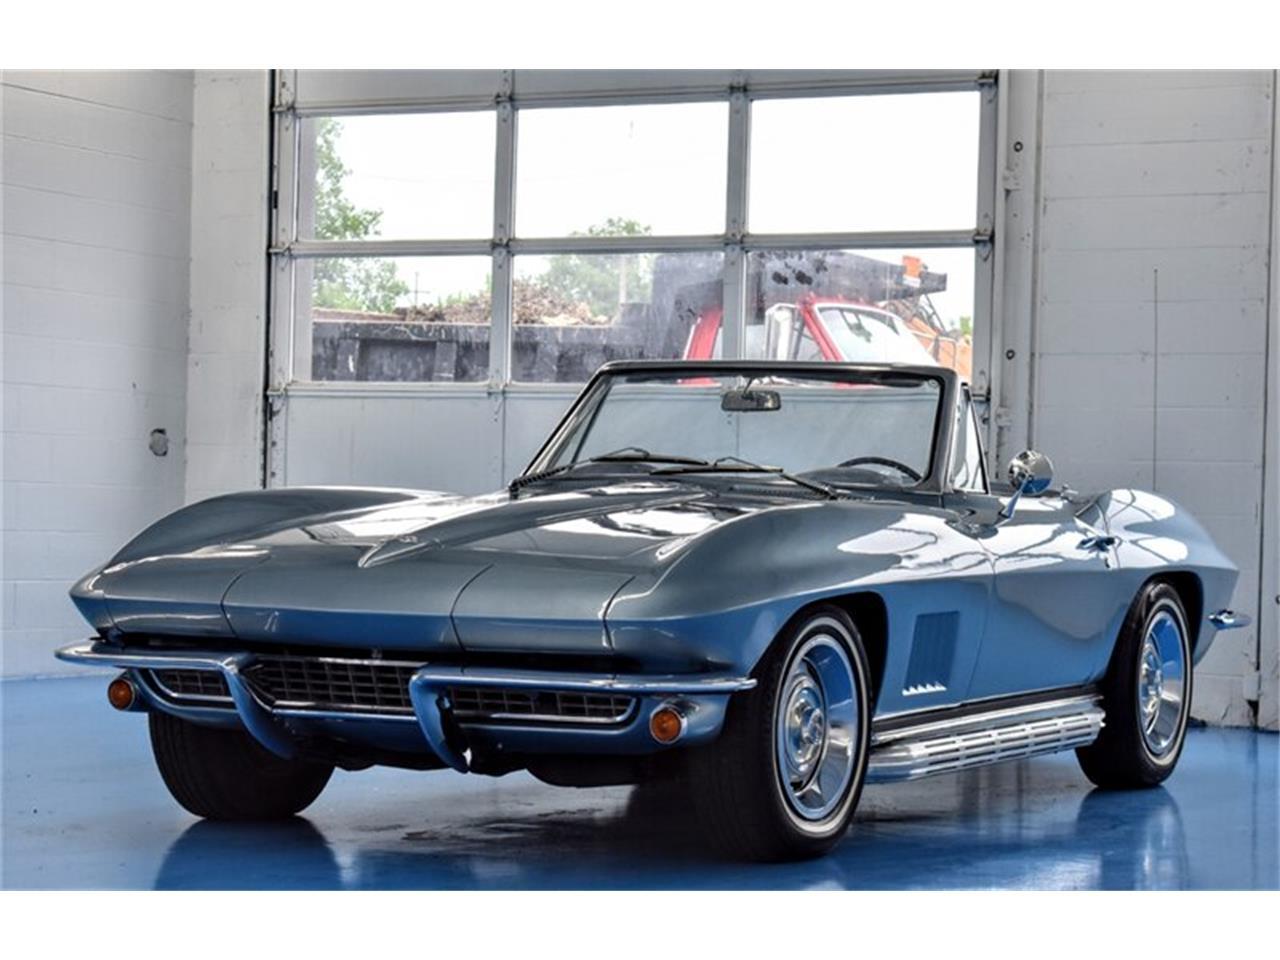 Chevrolet Corvette C2 décapotable elkhart blue 1967 prix tout compris 1967